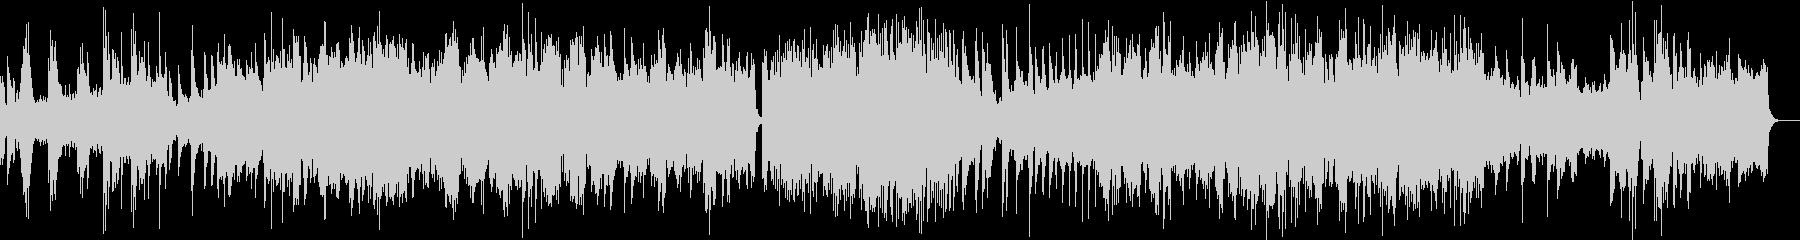 繊細で幻想的なピアノシンセの未再生の波形